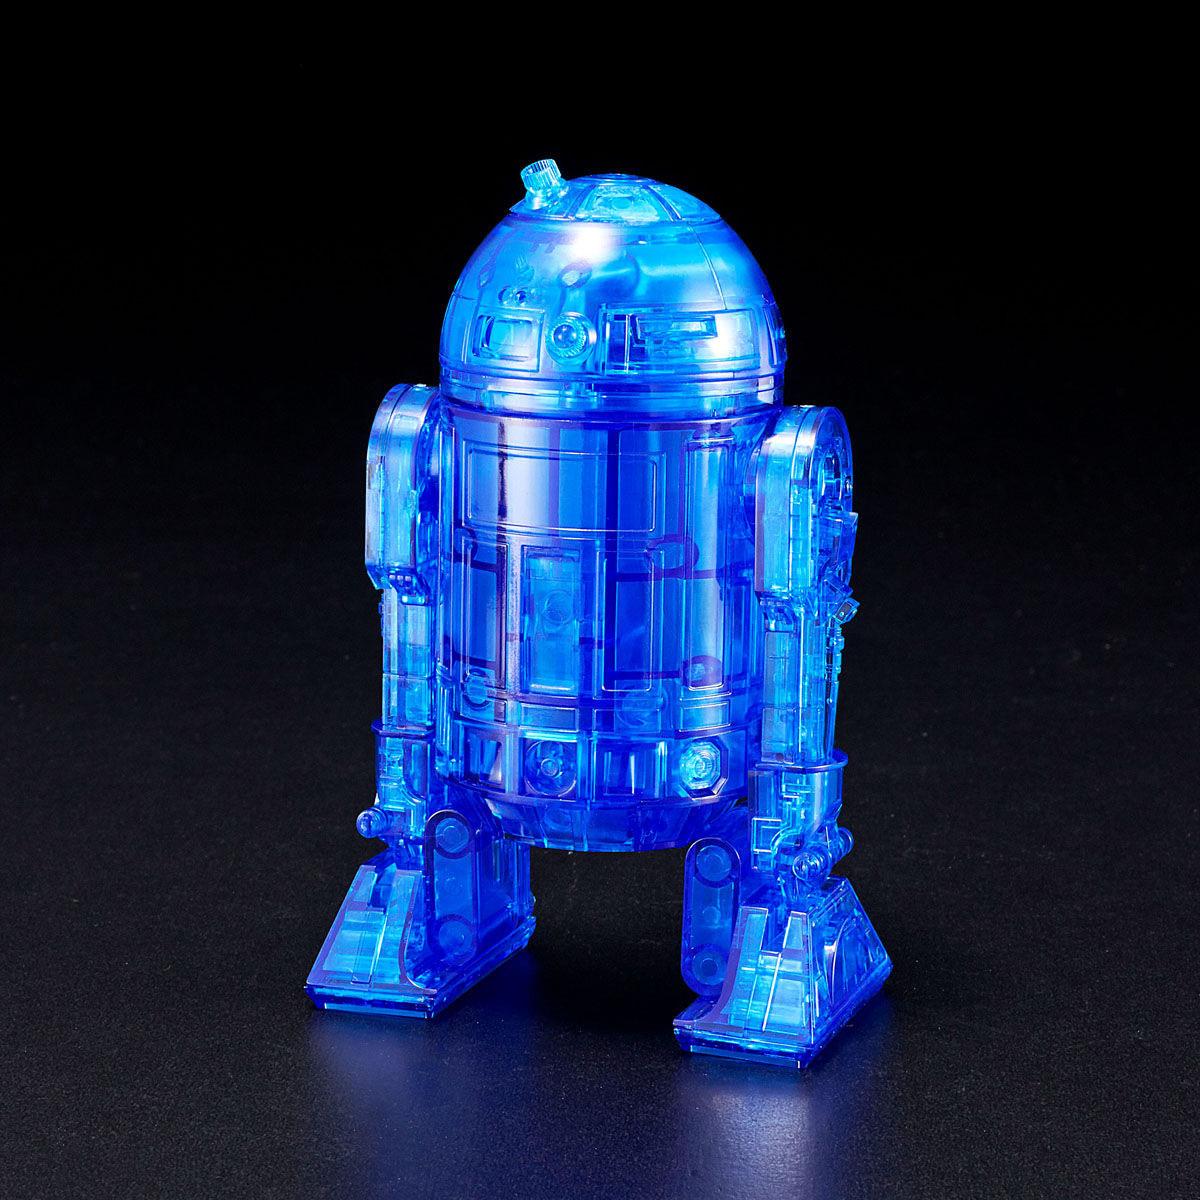 【限定販売】1/12『R2-D2(ホログラムVer.)』スター・ウォーズ プラモデル-003